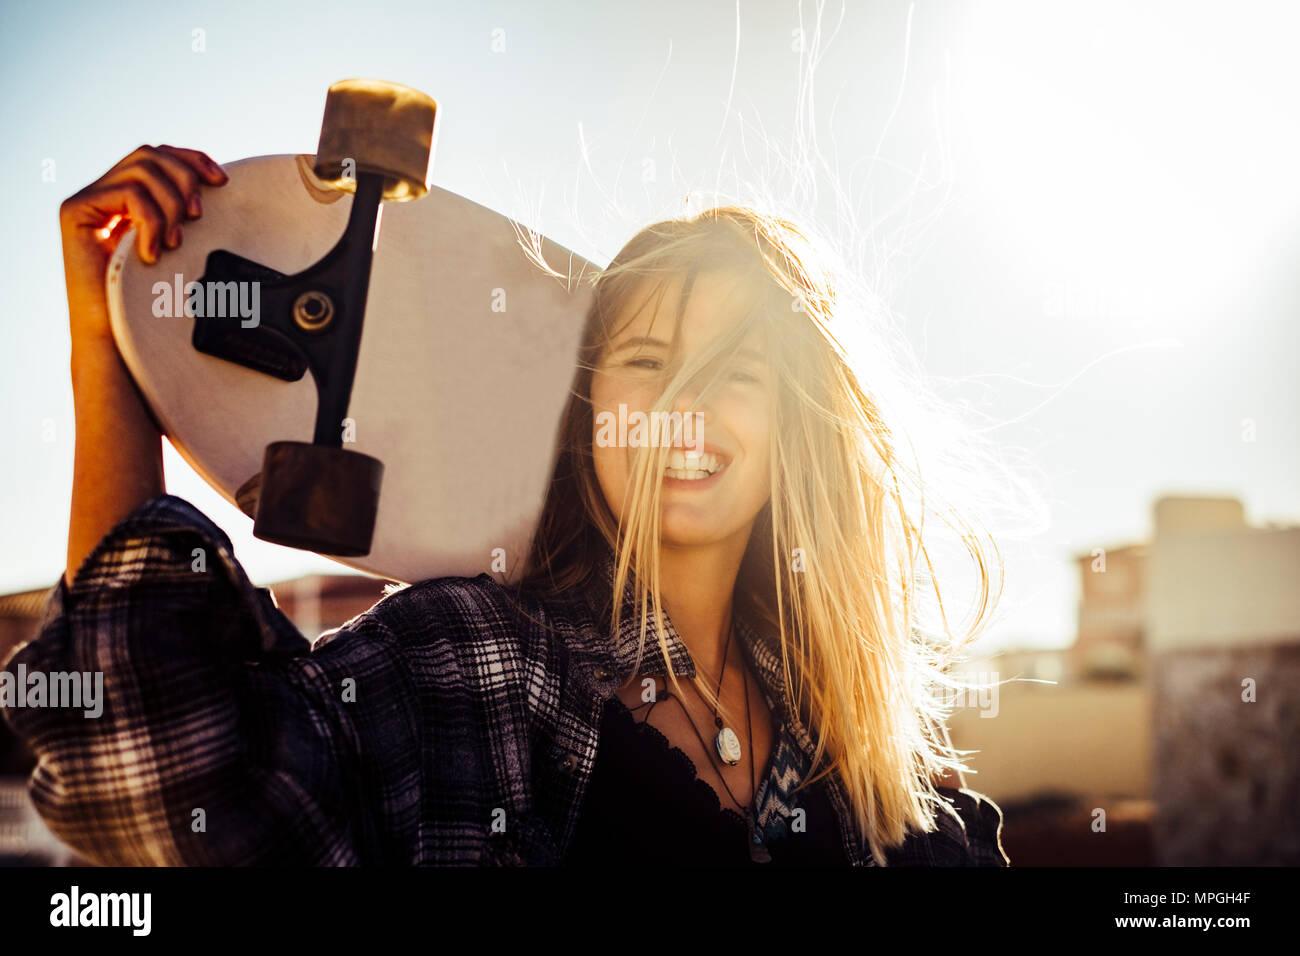 Bonita Rubia modelo caucasiamo mujer libre con un monopatín en el sol al atardecer contraluz. La libertad y la independencia de la juventud concepto en Tenerife. Cabello en Foto de stock